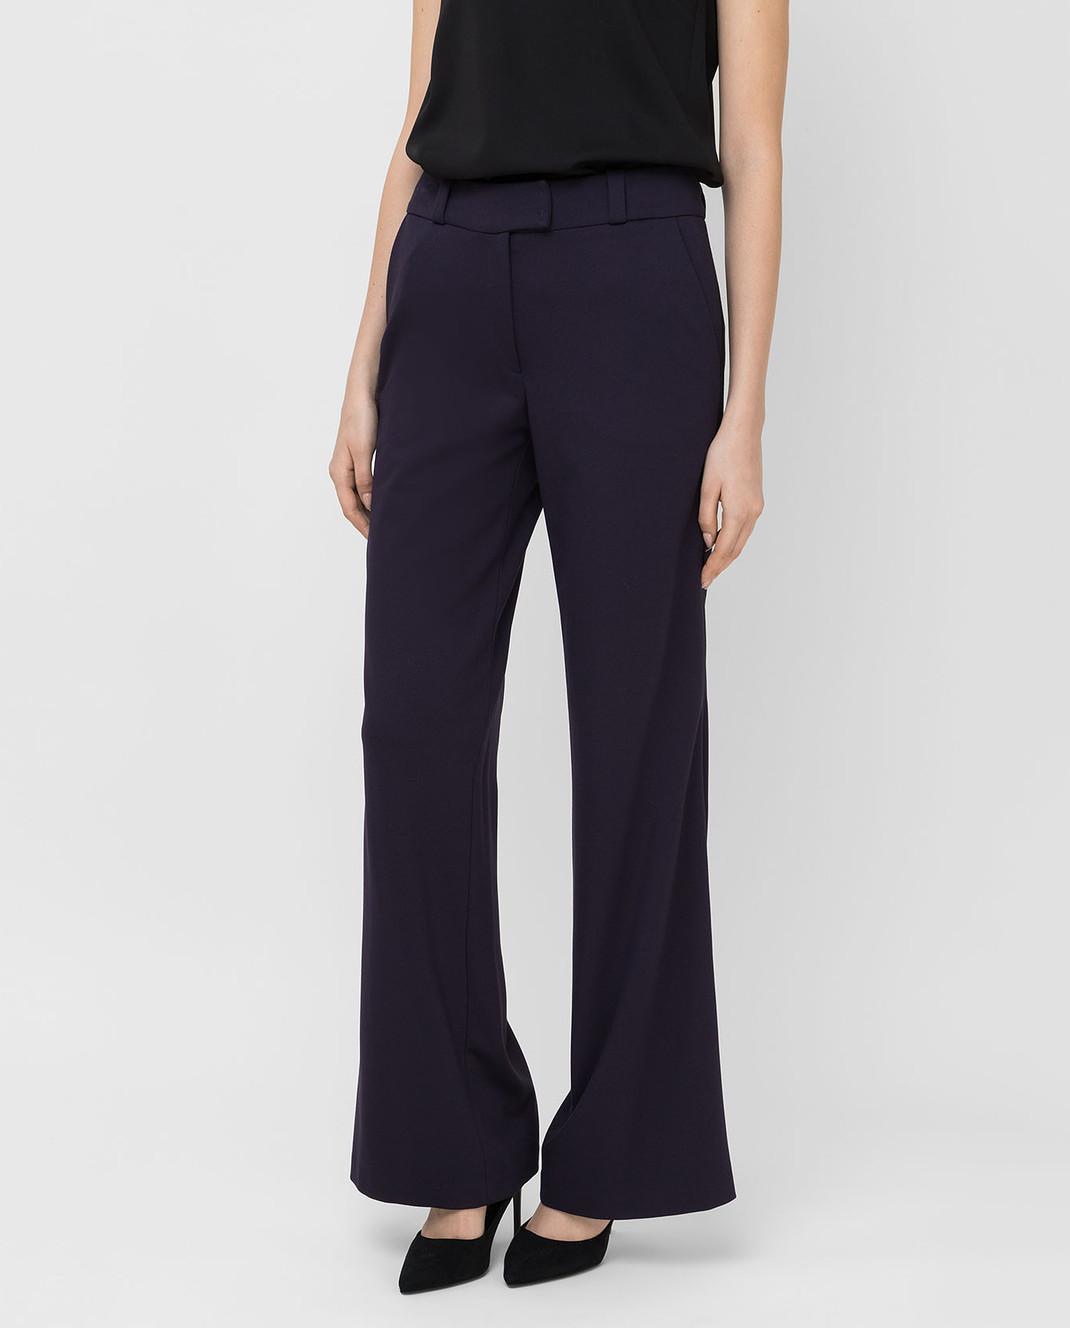 Maison Ullens Фиолетовые брюки PAN082 изображение 3